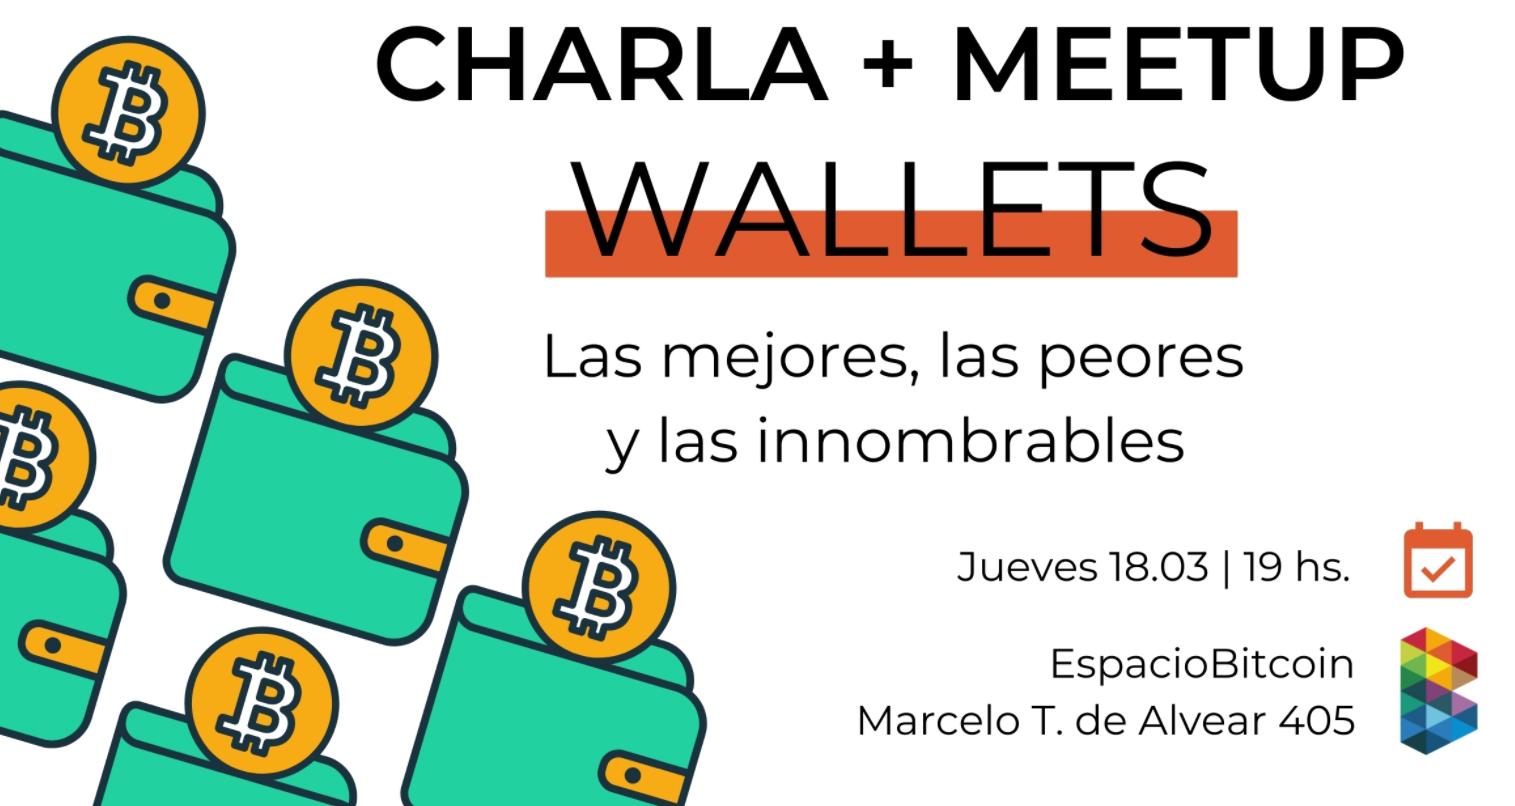 Charla + Meetup con la participación de La Bitcoineta